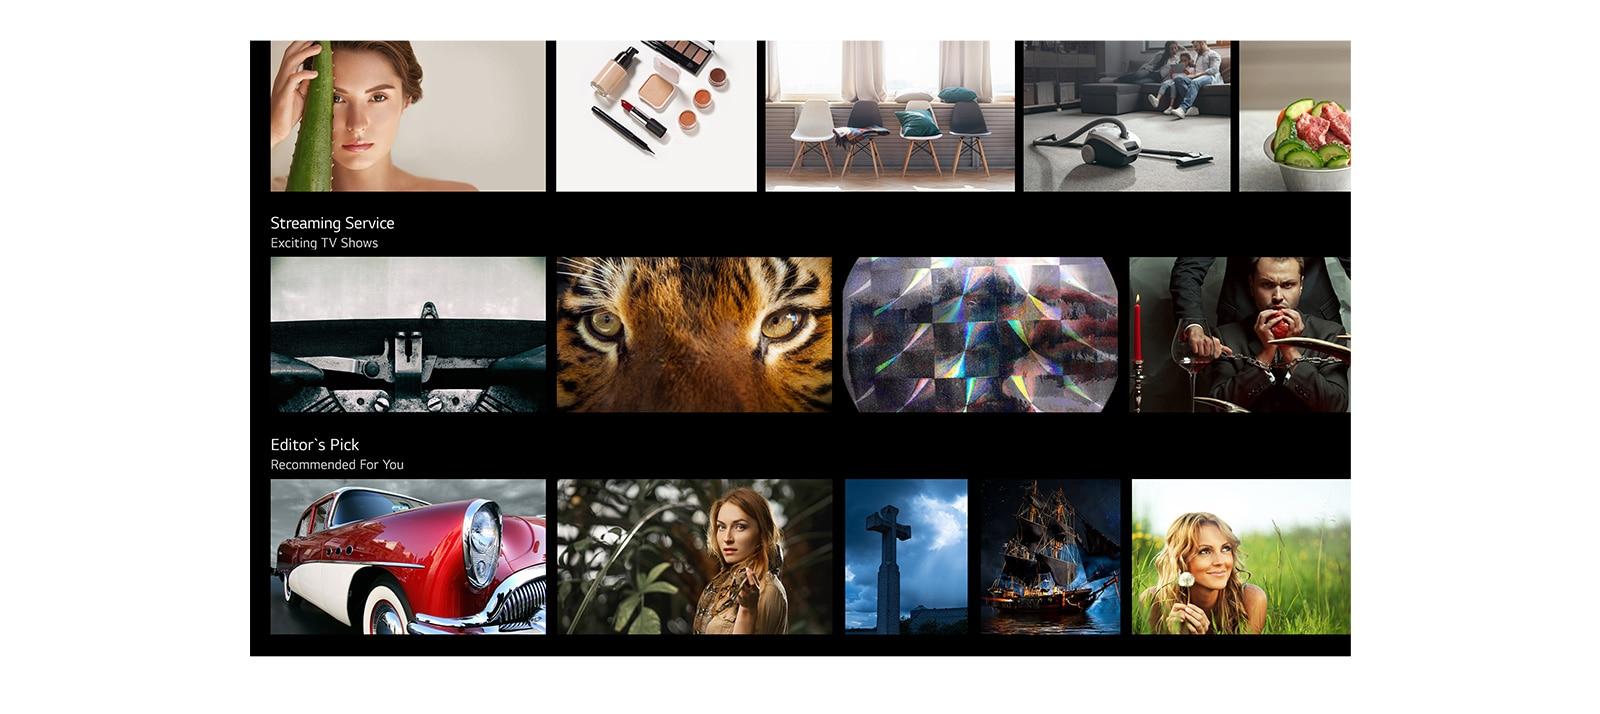 TV zaslon koji prikazuje razne sadržaje koje je nabrojala i preporučila aplikacija LG ThinQ AI